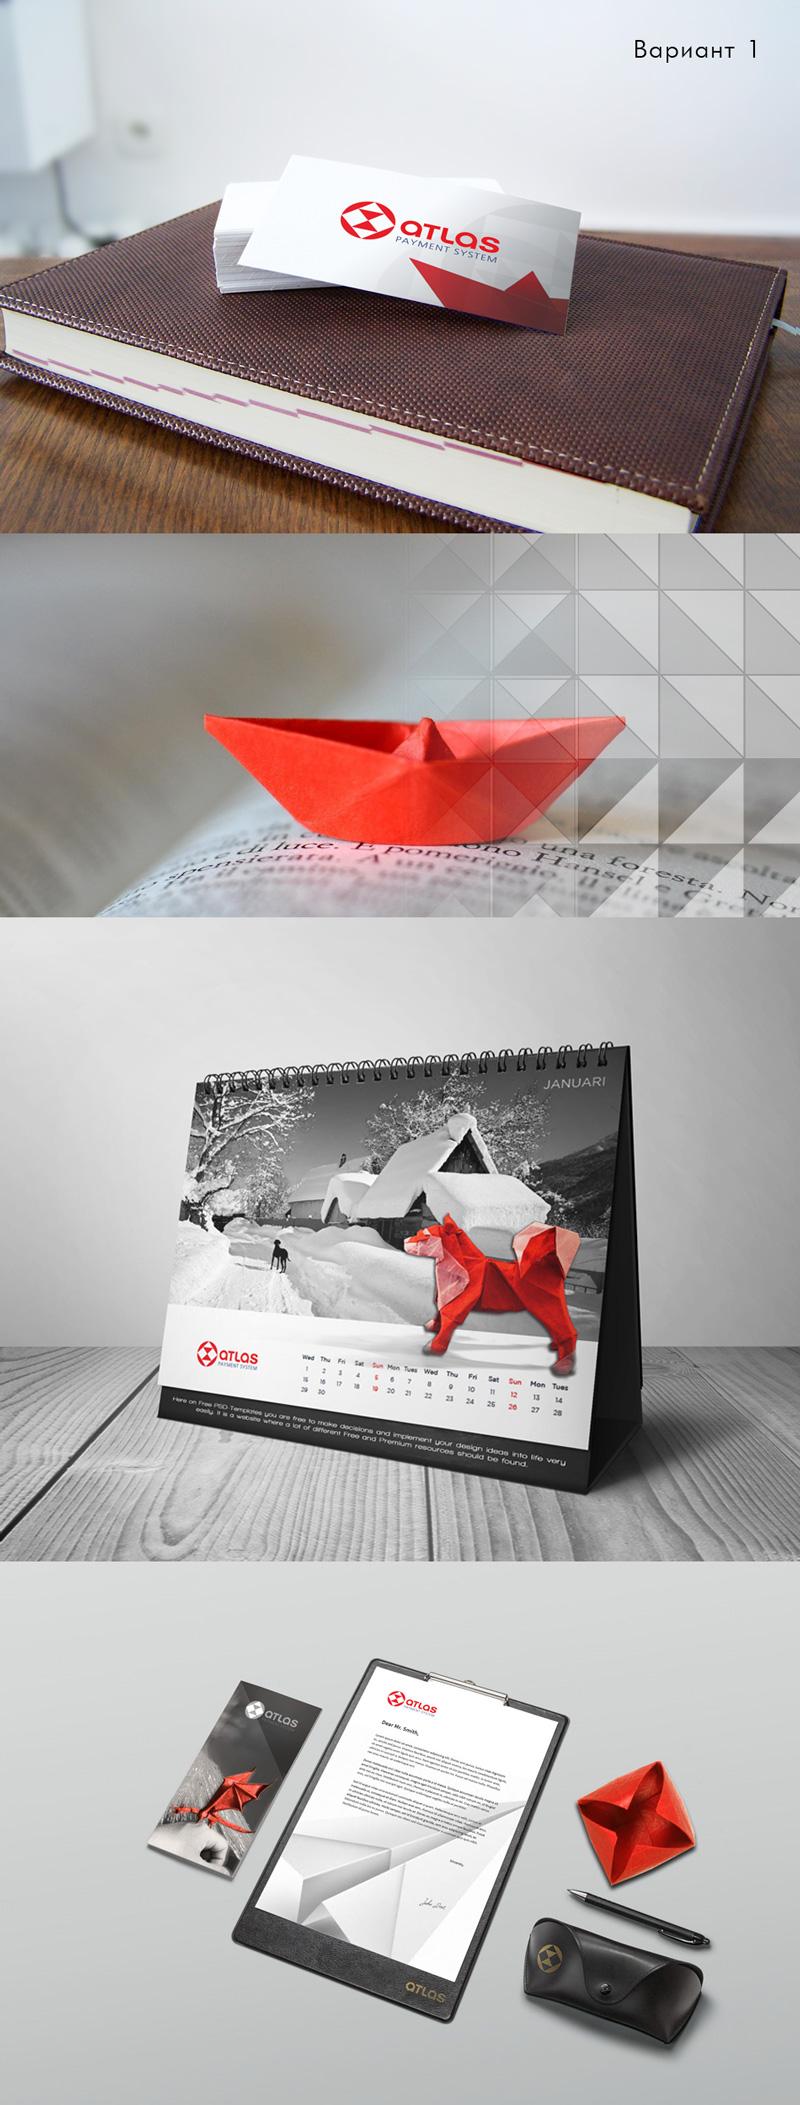 Разработка фирменного стиля. фото f_0125a5614b81d272.jpg